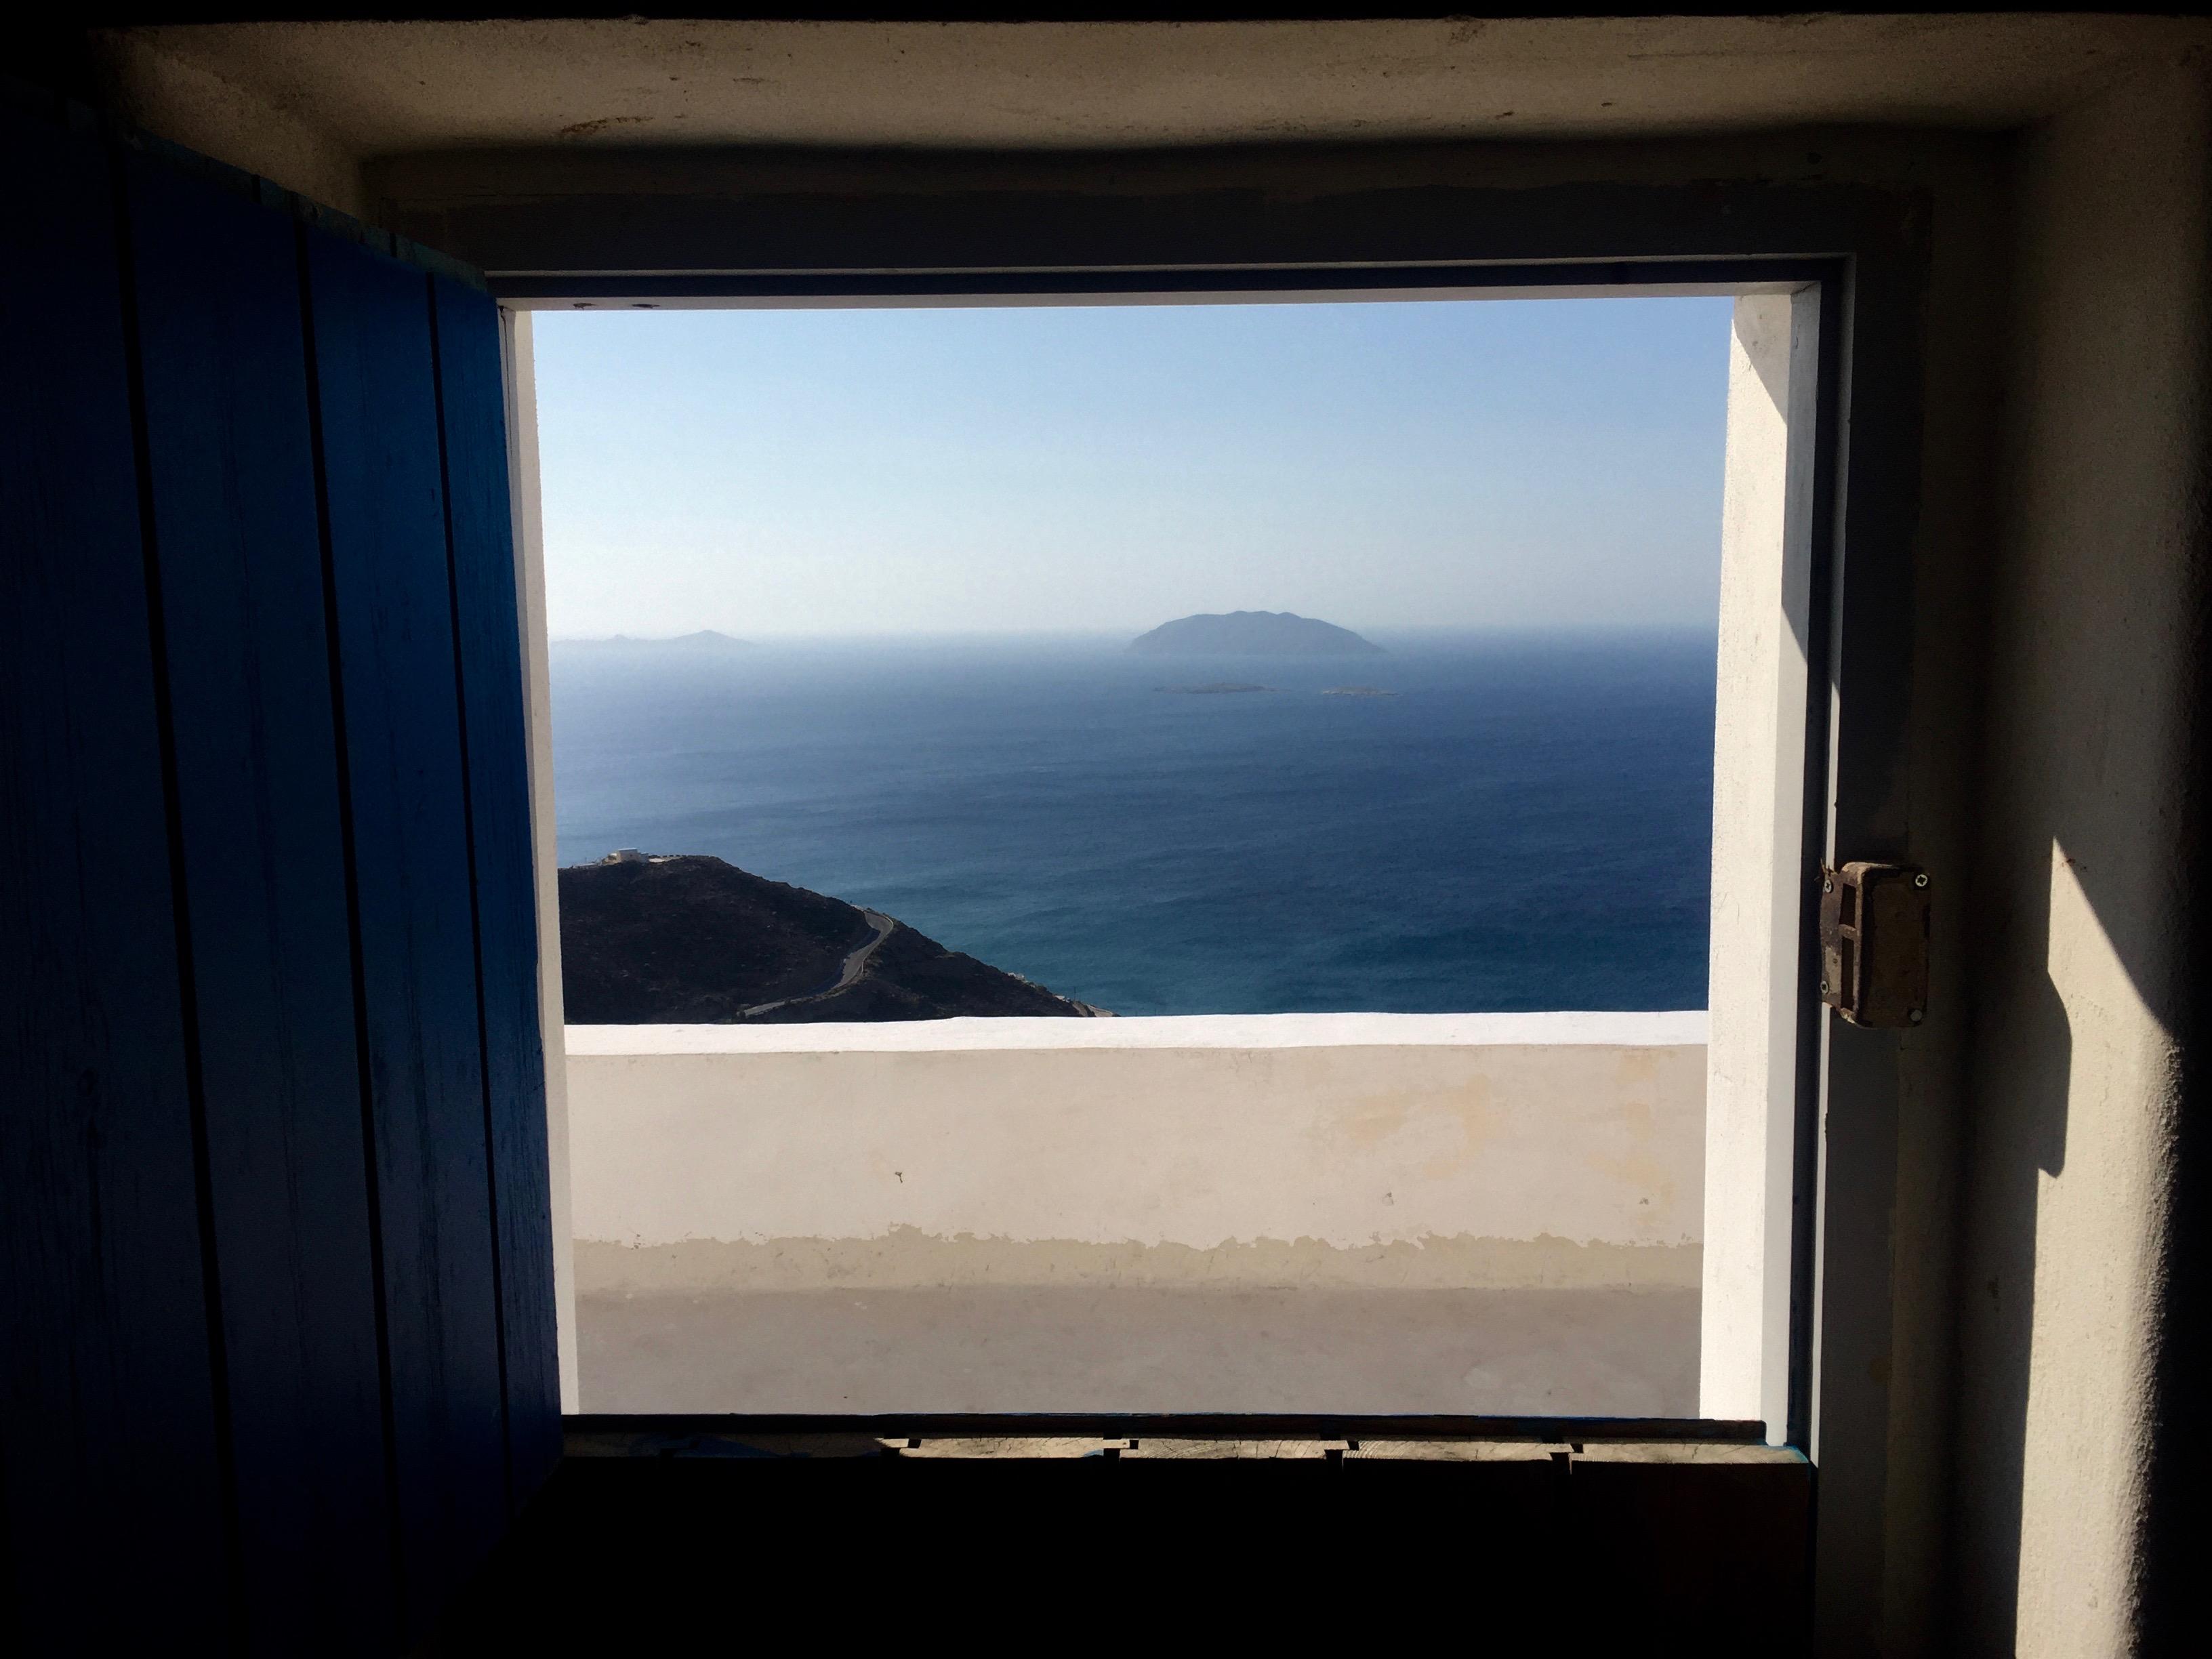 La petite île vue de la maison